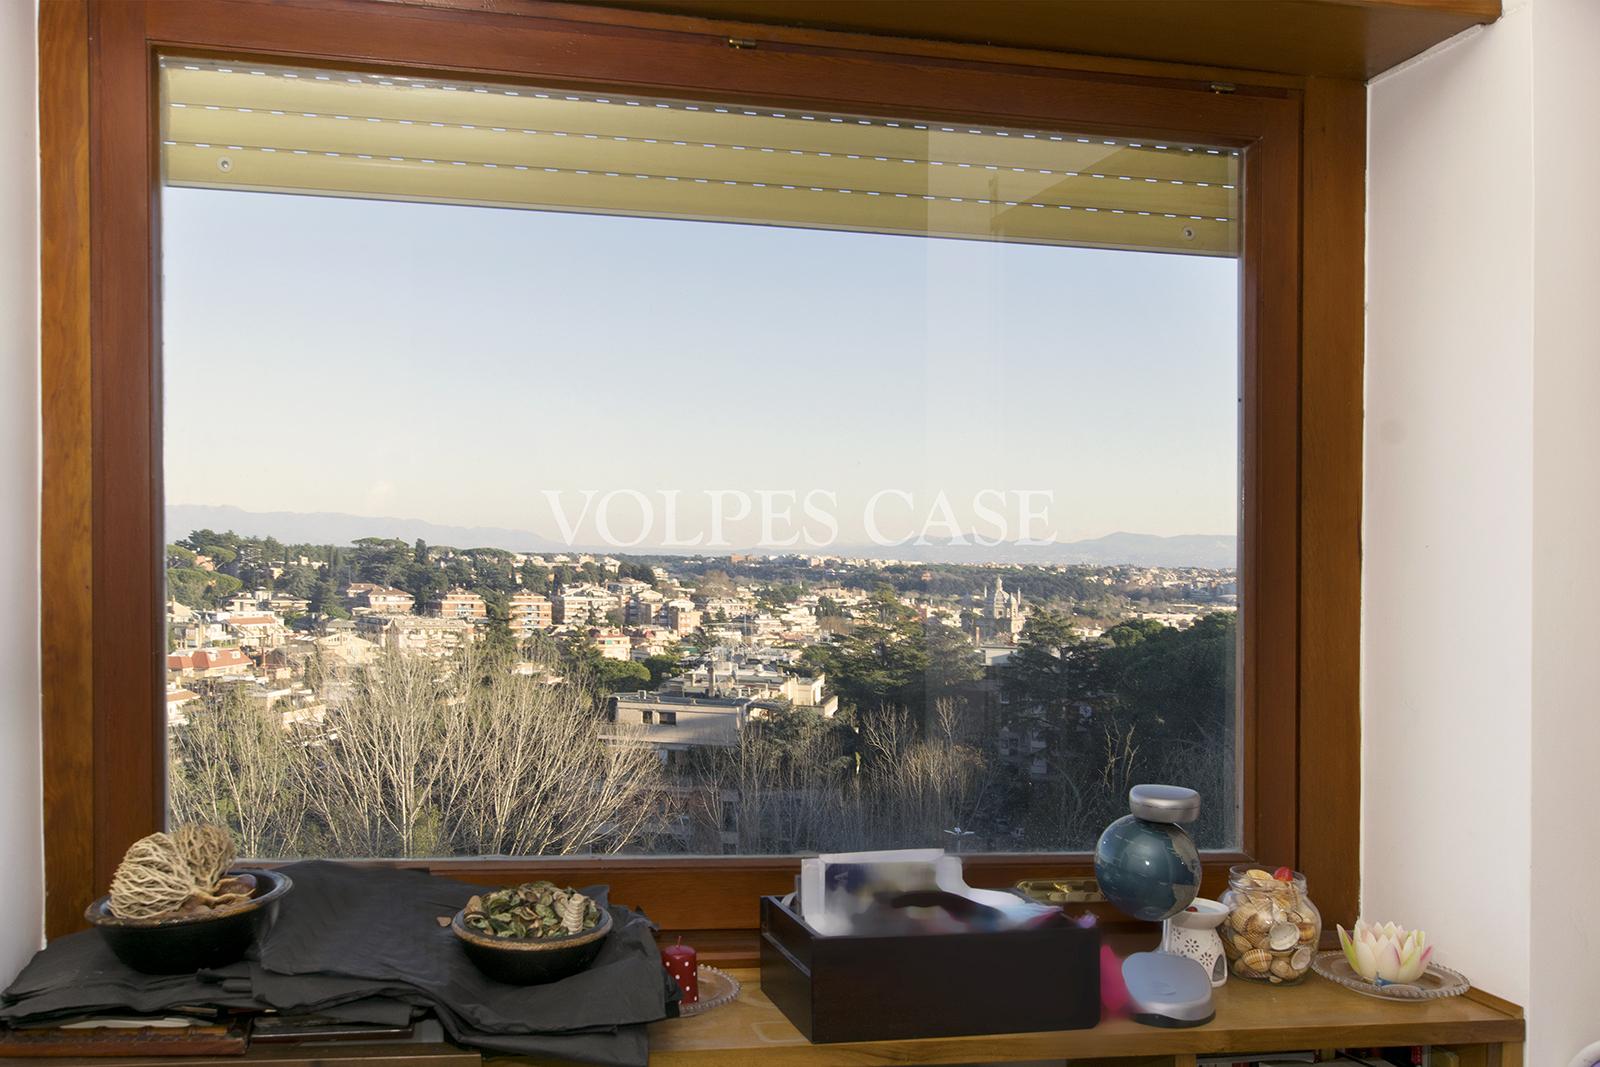 Appartamento ROMA affitto  Farnesina  Volpes Case srl